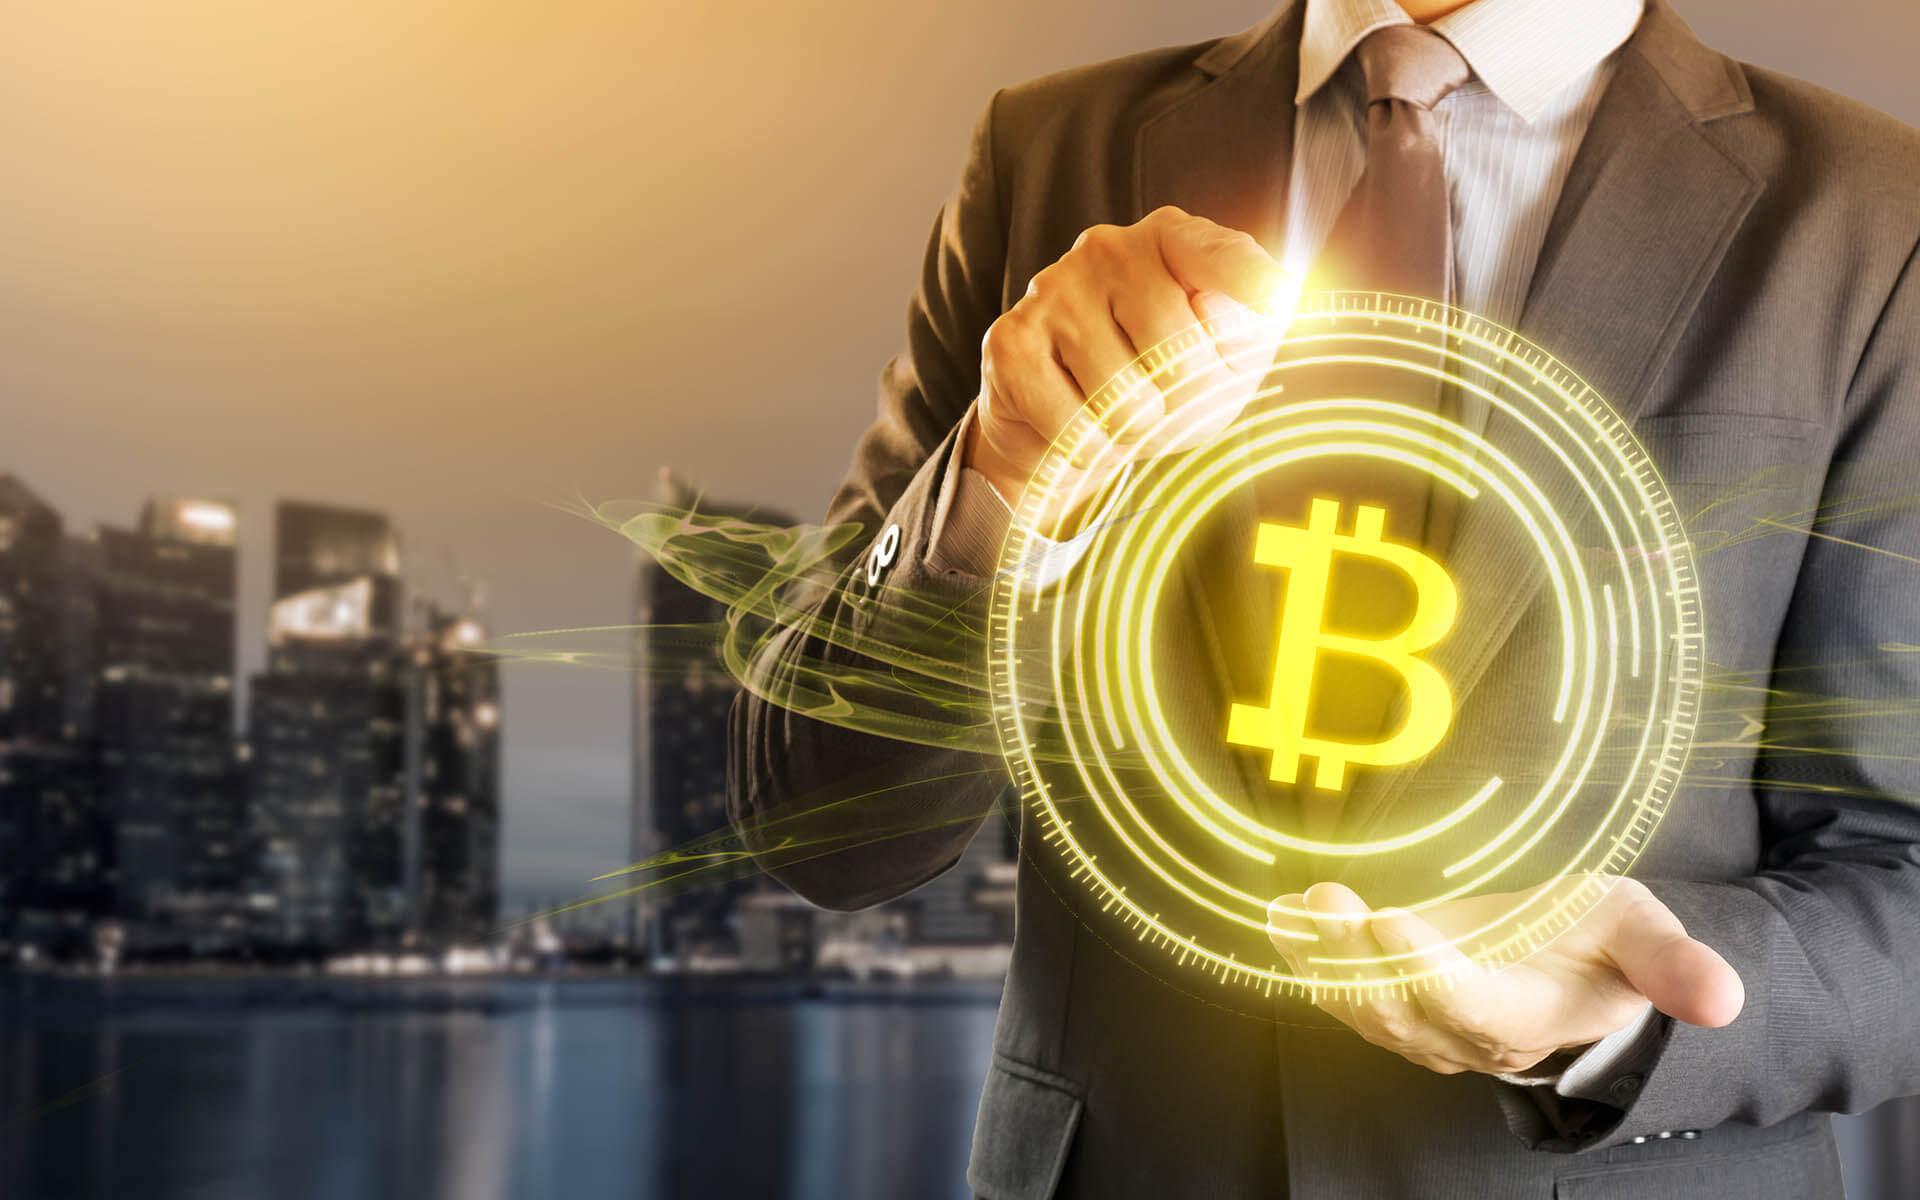 Bitcoin'de BTC Dibe Dönüş Gözüküyor Ancak Boğalar Günü Kurtarabilir